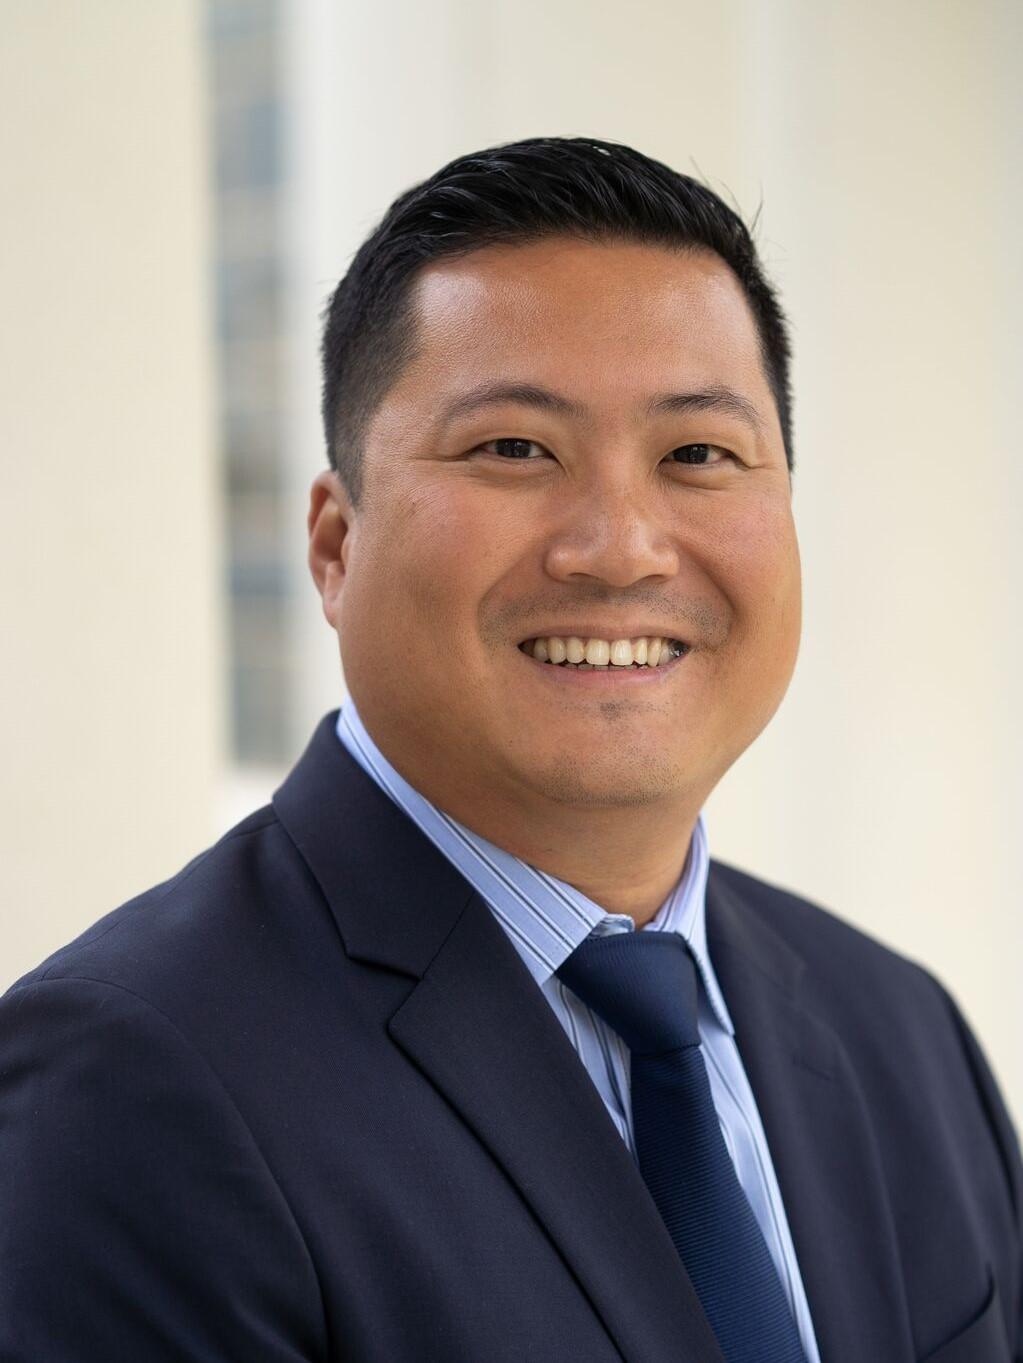 Dr. Felix Wang Reccomendation